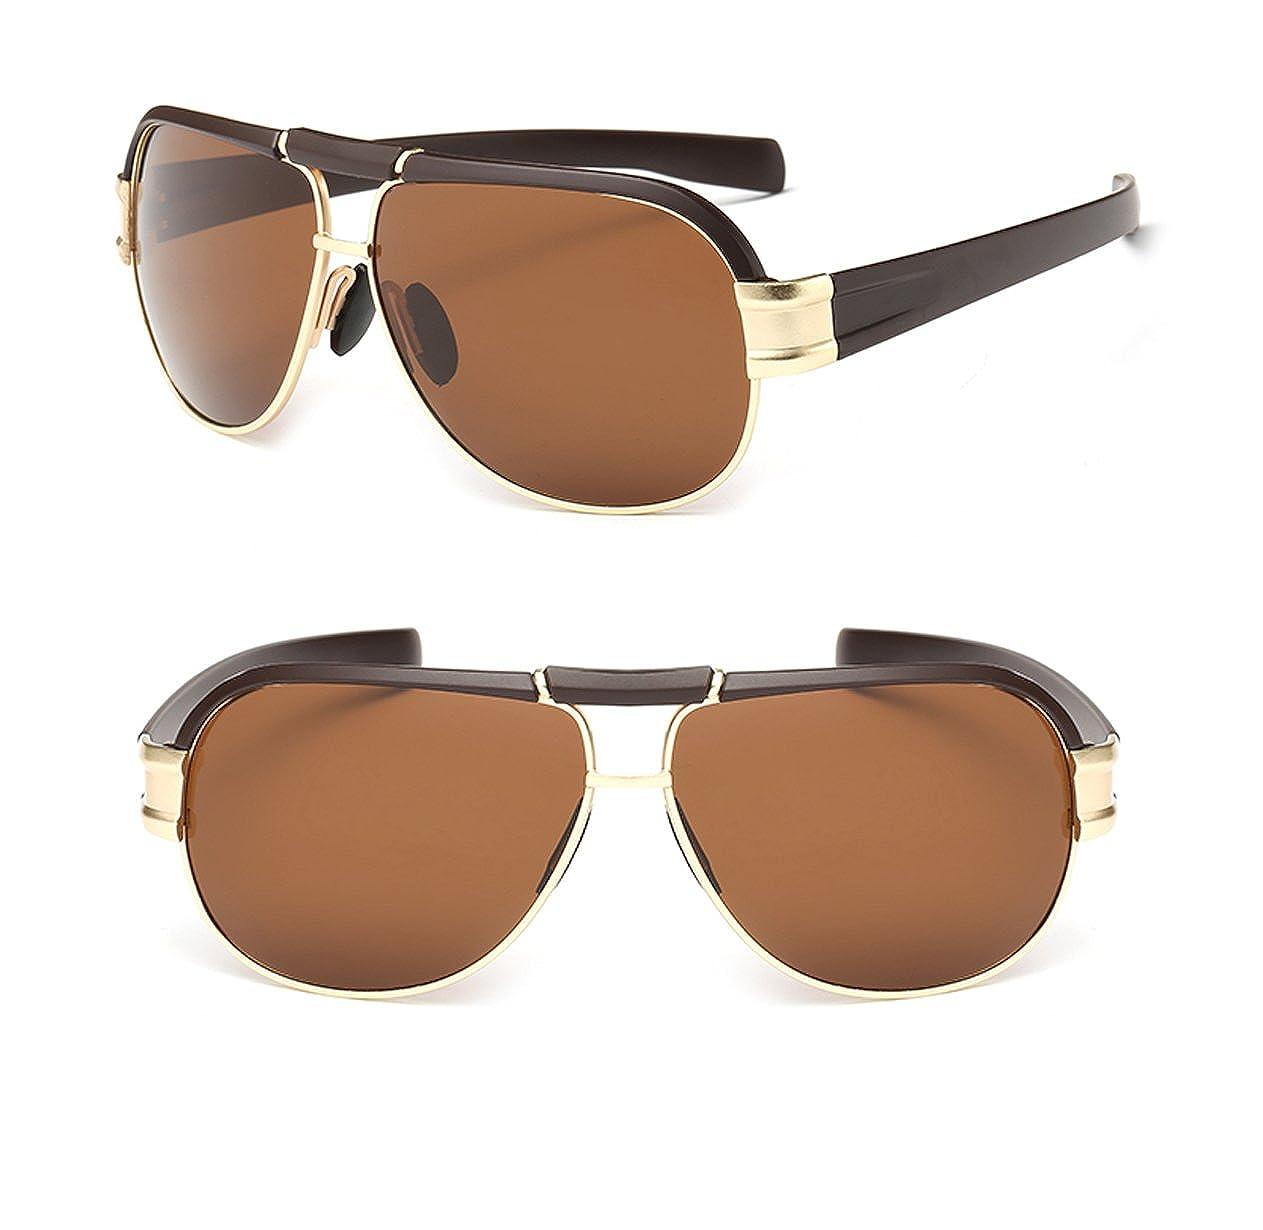 aa32e447bb63d Hombres gafas de sol polarizadas de protección UV400 conducción gafas de sol  8985  Amazon.es  Ropa y accesorios